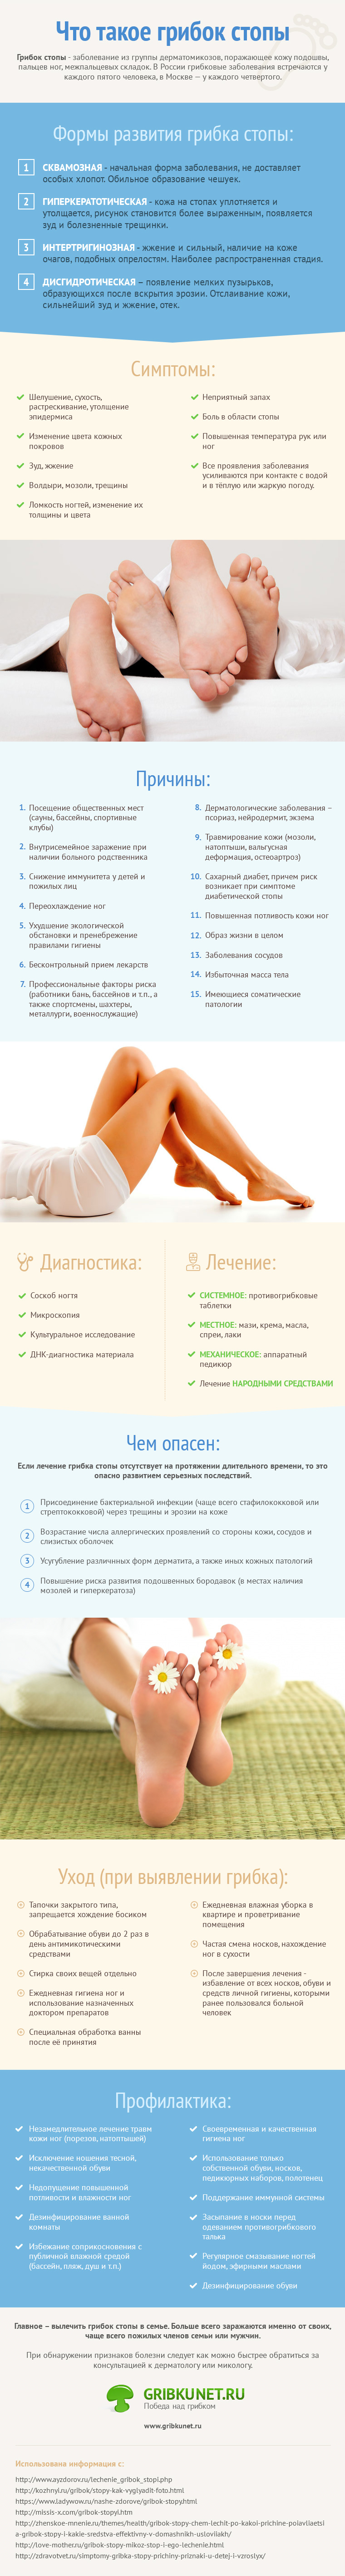 Инфографика - Лечение грибка ног, стоп